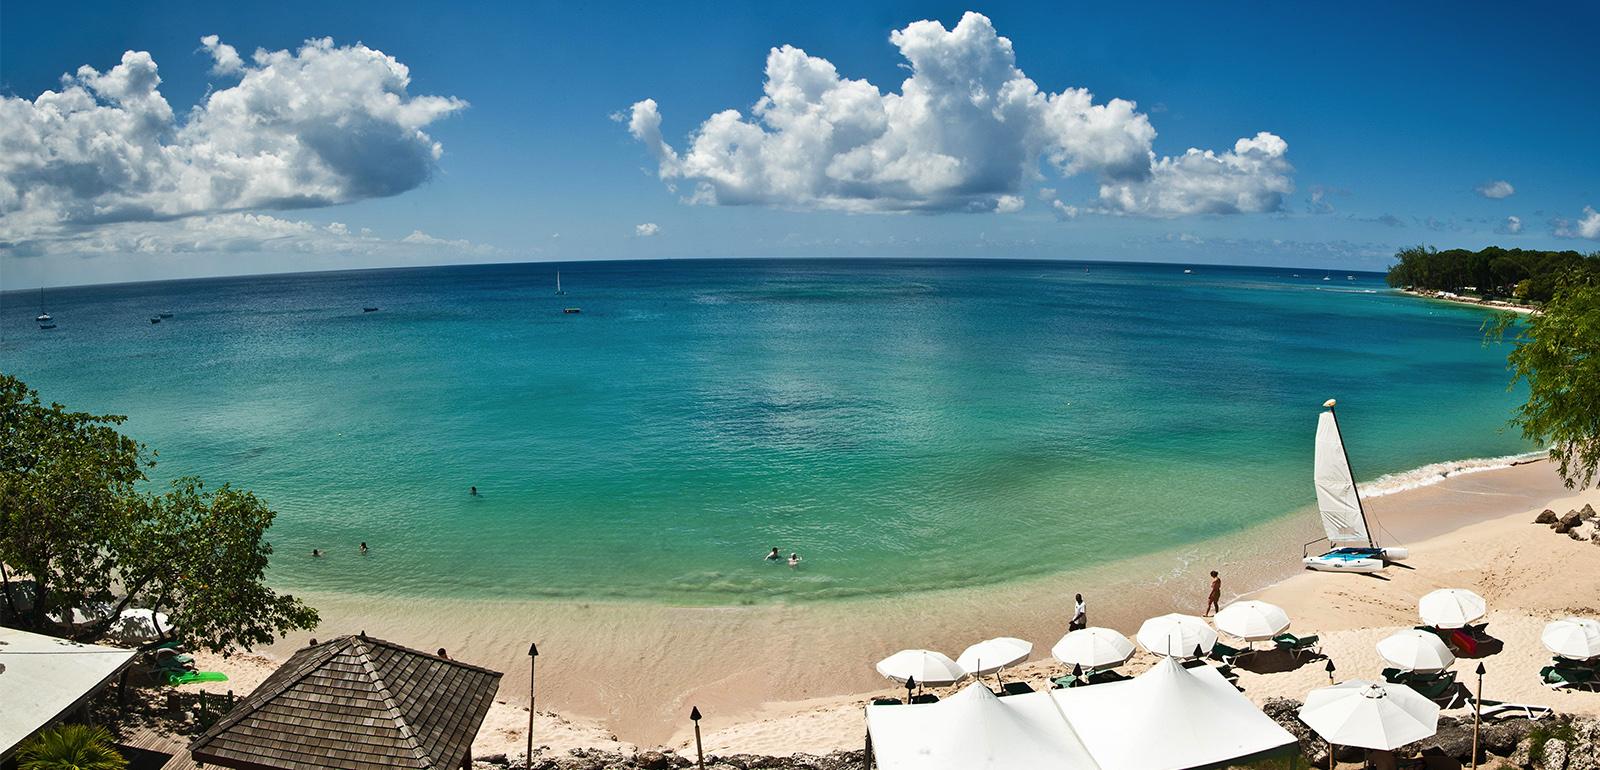 Mango Bay Barbados Barbados Honeymoon Packages Honeymoon Dreams Honeymoon Dreams